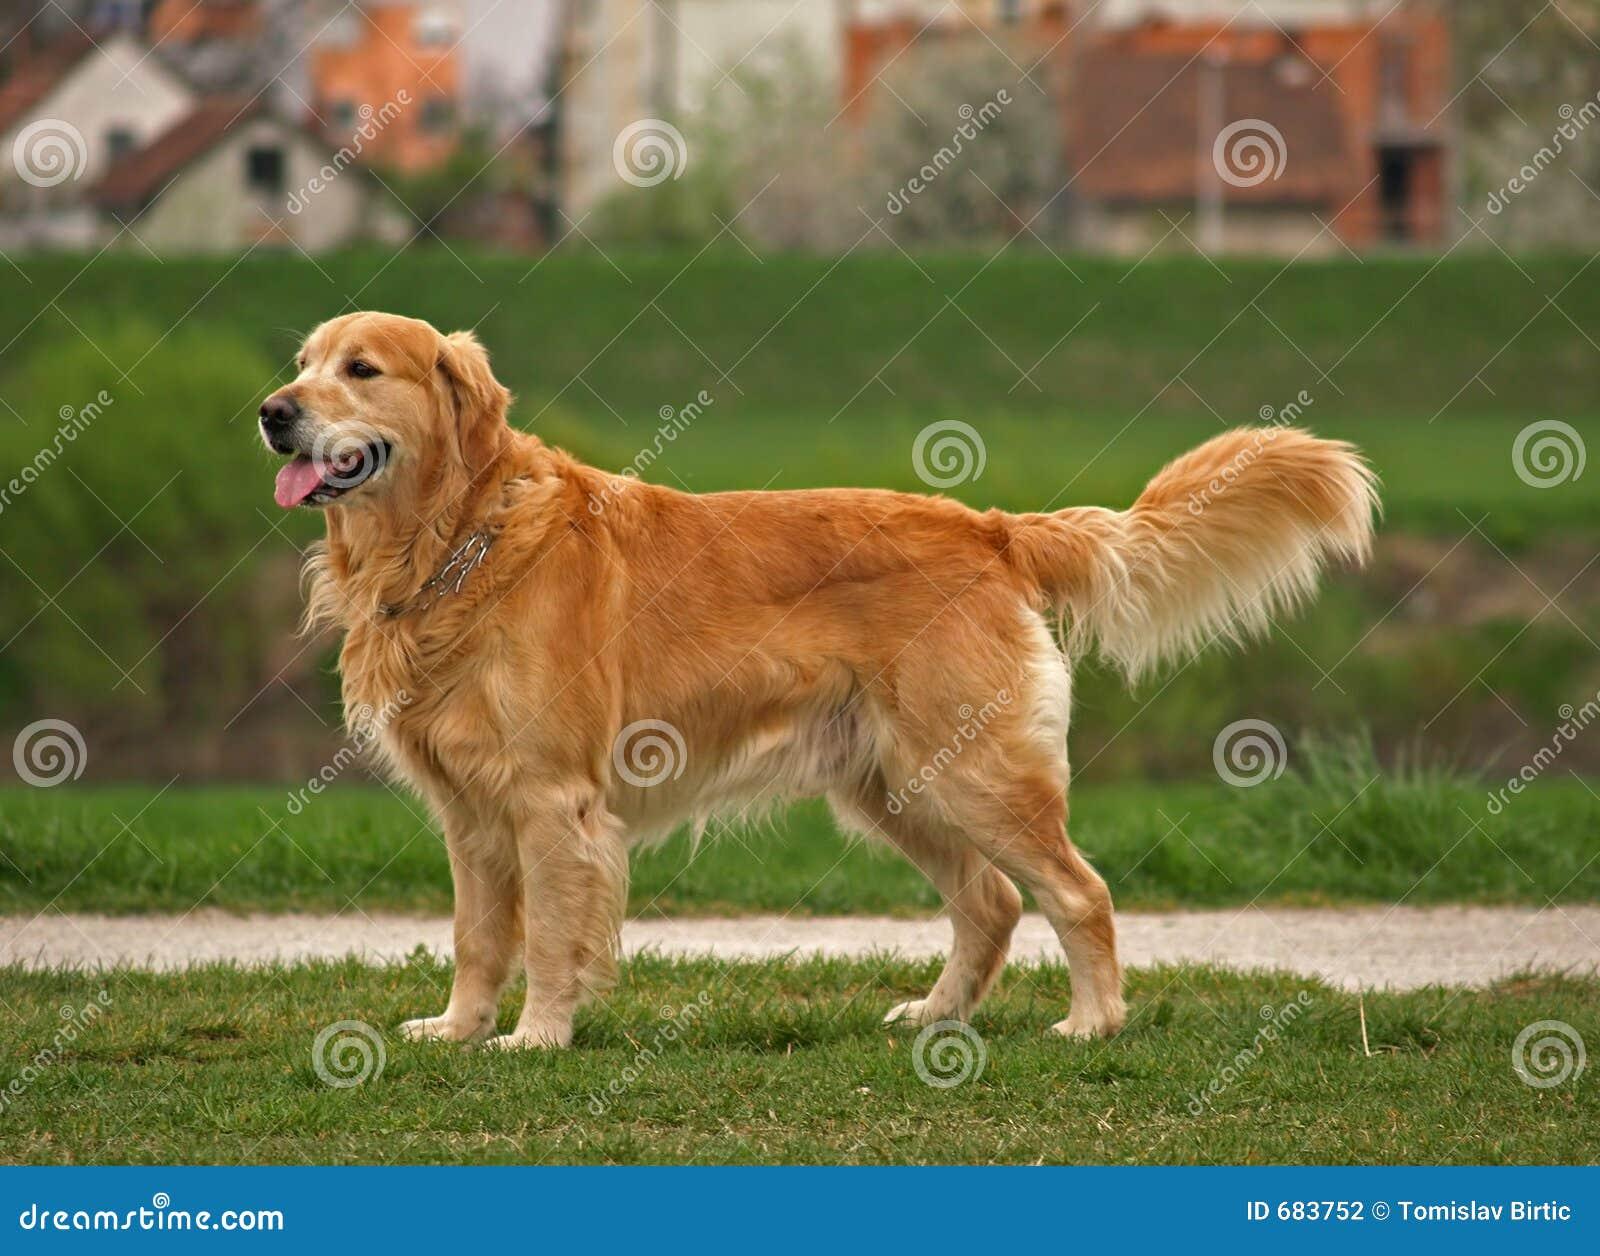 Perro/perro perdiguero de oro